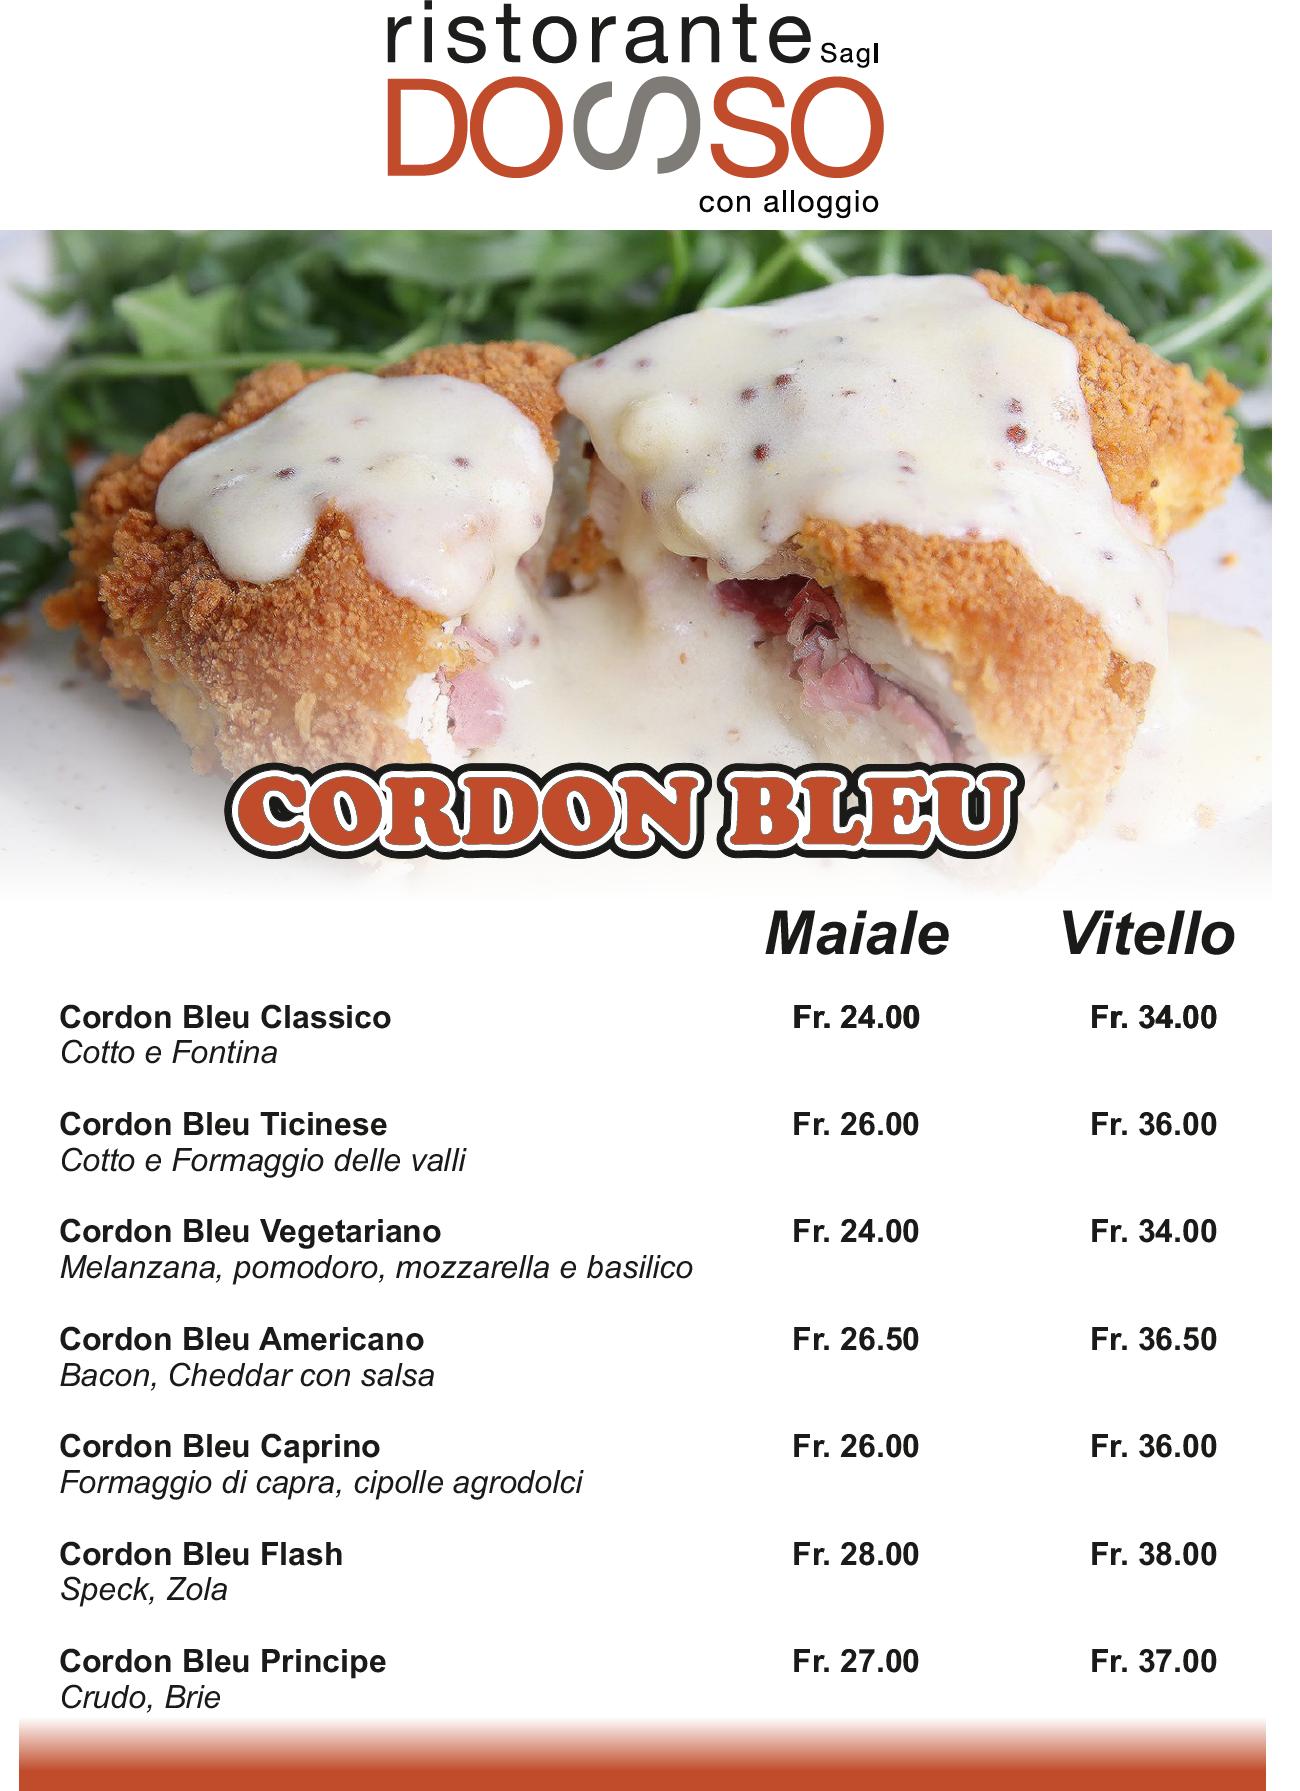 menu_dosso_cordon_bleu